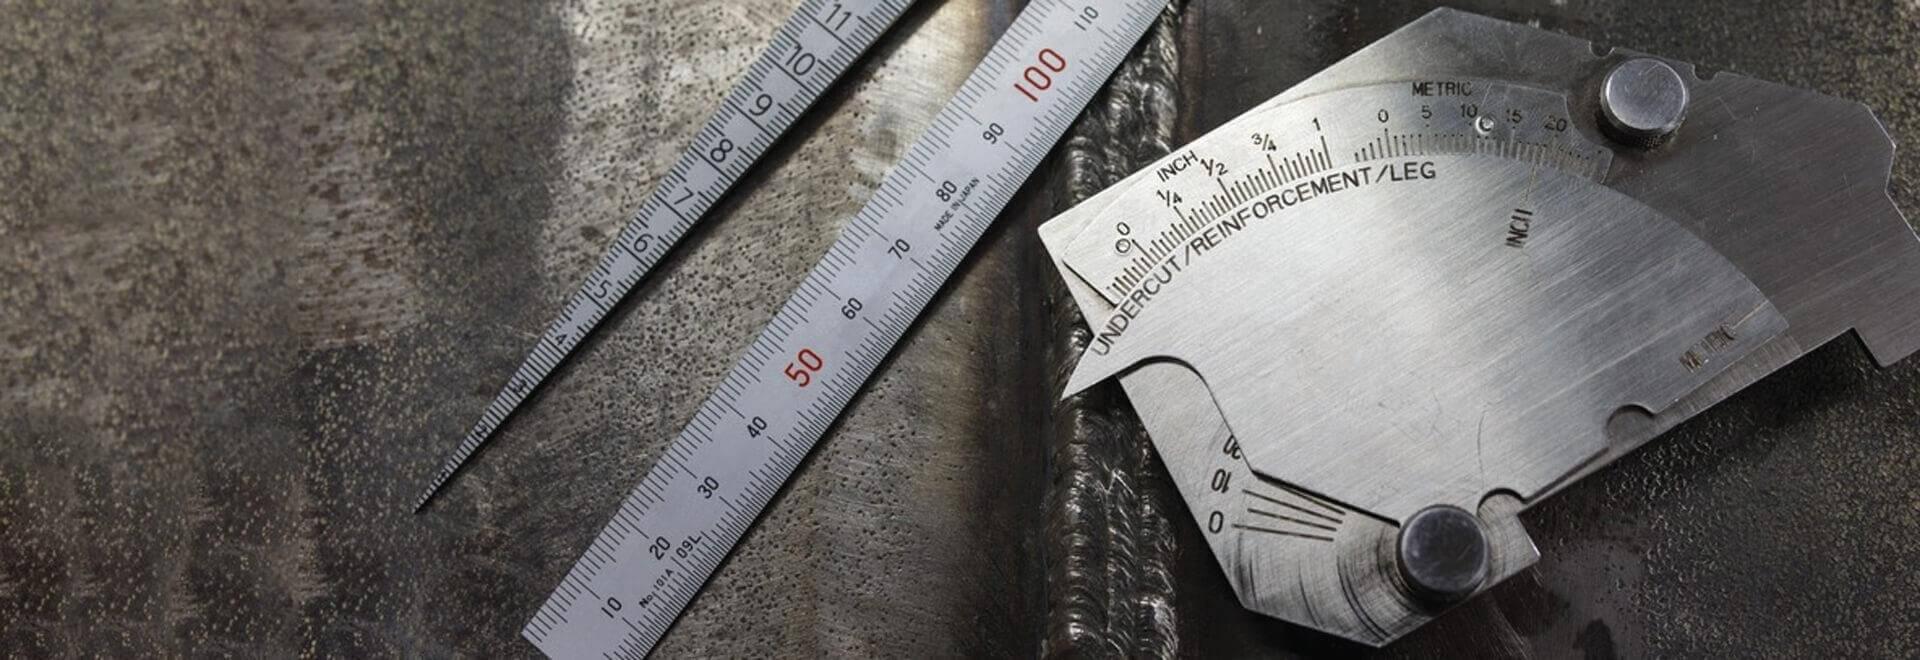 Thước lá, thước dây, compa, đo mối hàn